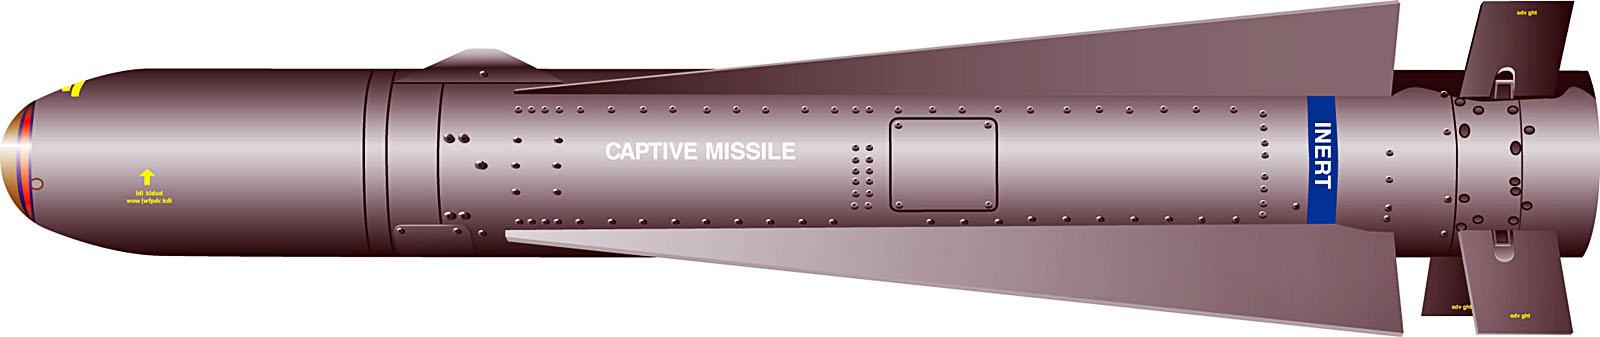 agm-65-maverick